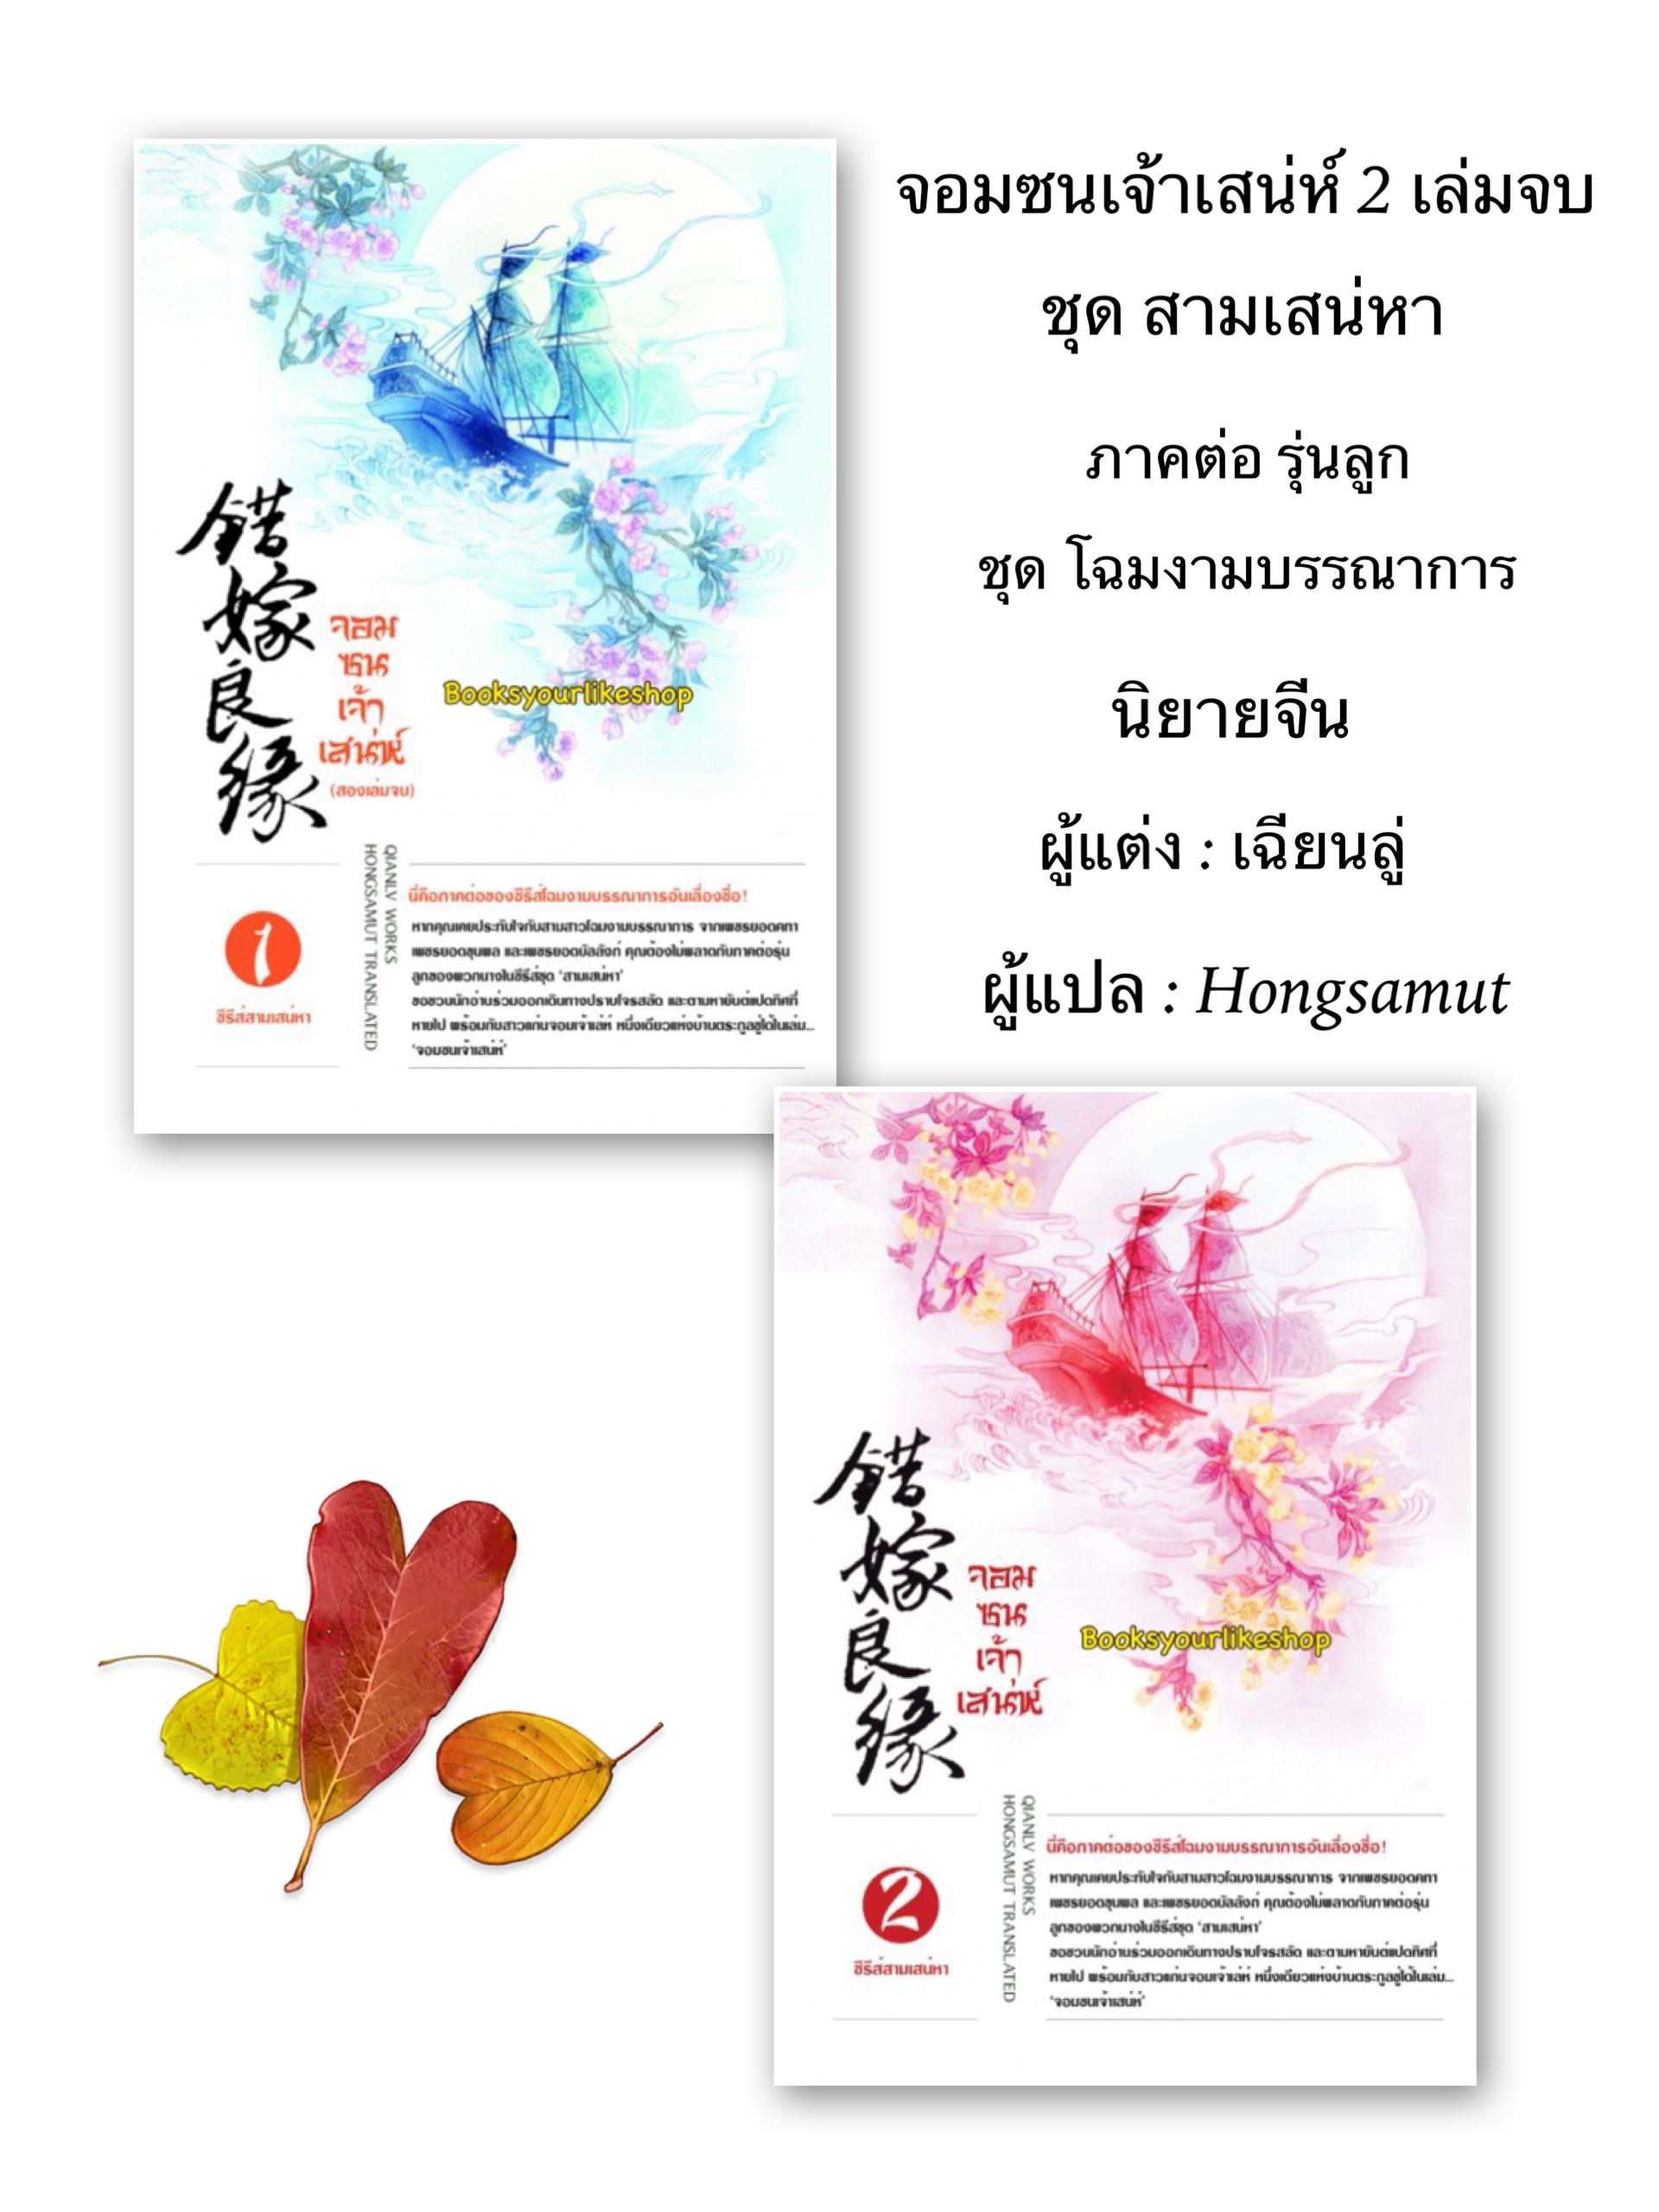 จอมซนเจ้าเสน่ห์ 2 เล่มจบ รุ่นลูก I ชุด โฉมนางบรรณาการ ปกอ่อน / เฉียนลู่ แต่ง, hongsamut แปล